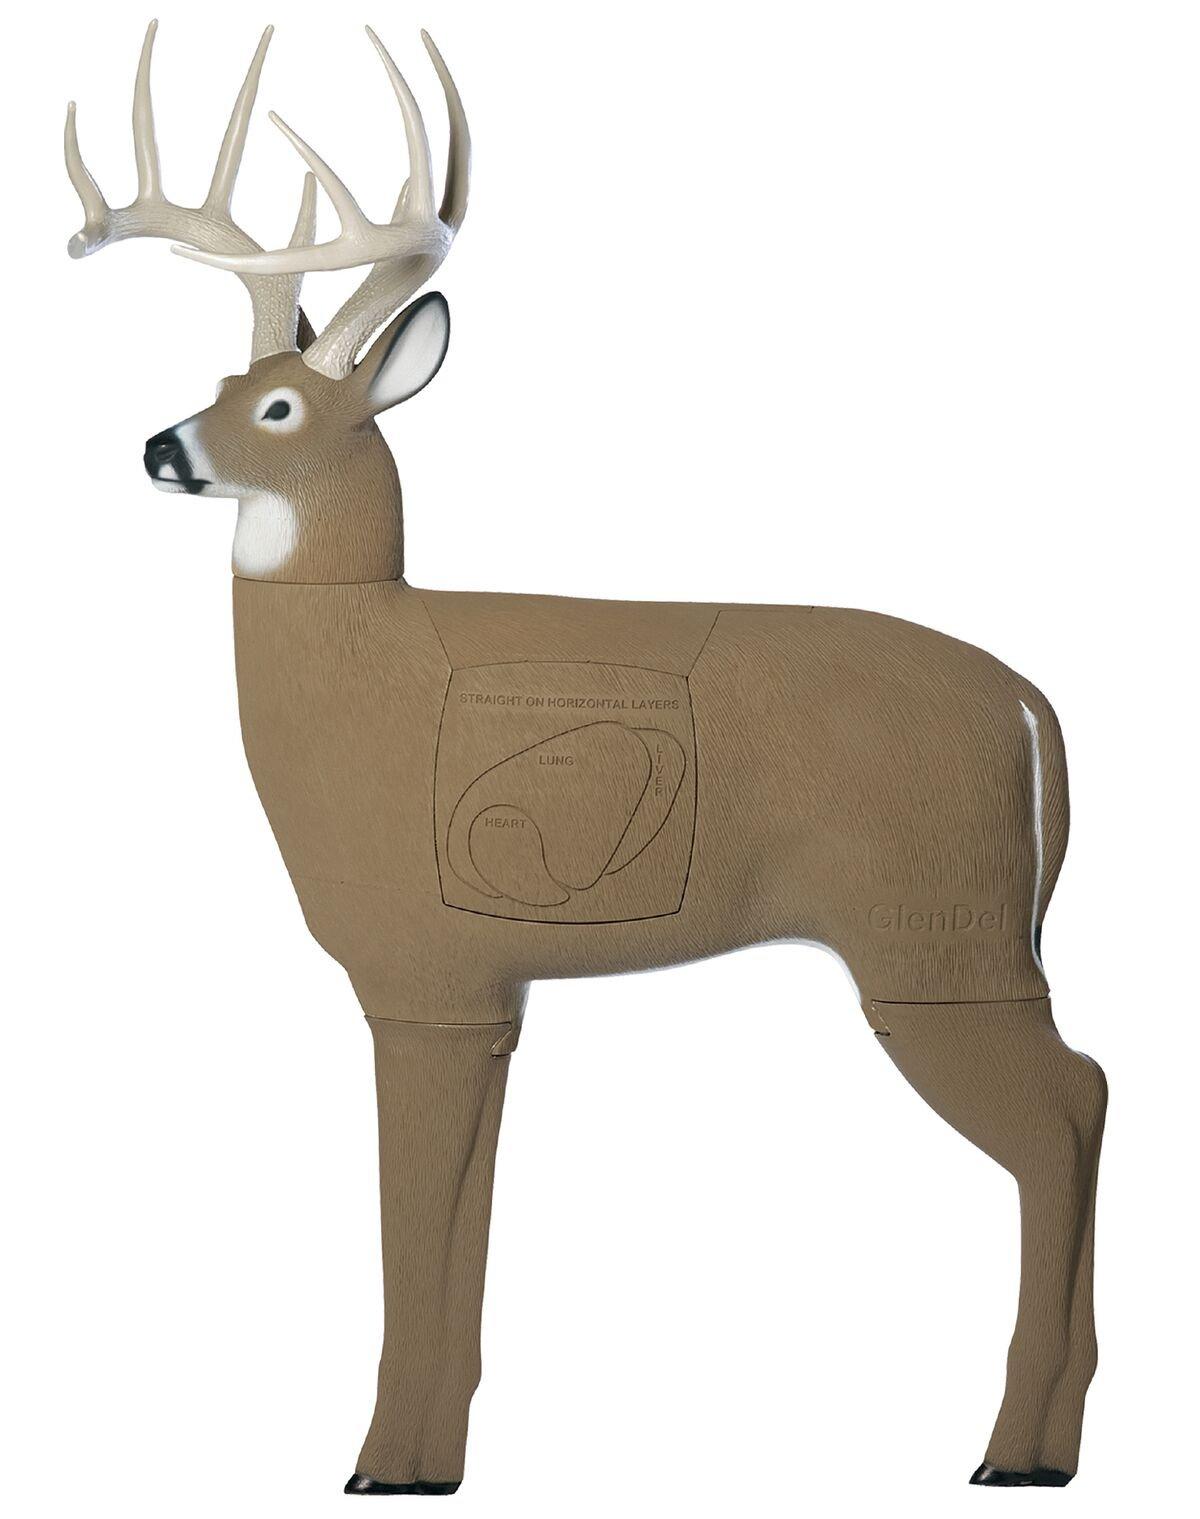 GlenDel Buck 3D Archery Target 56x34 inch